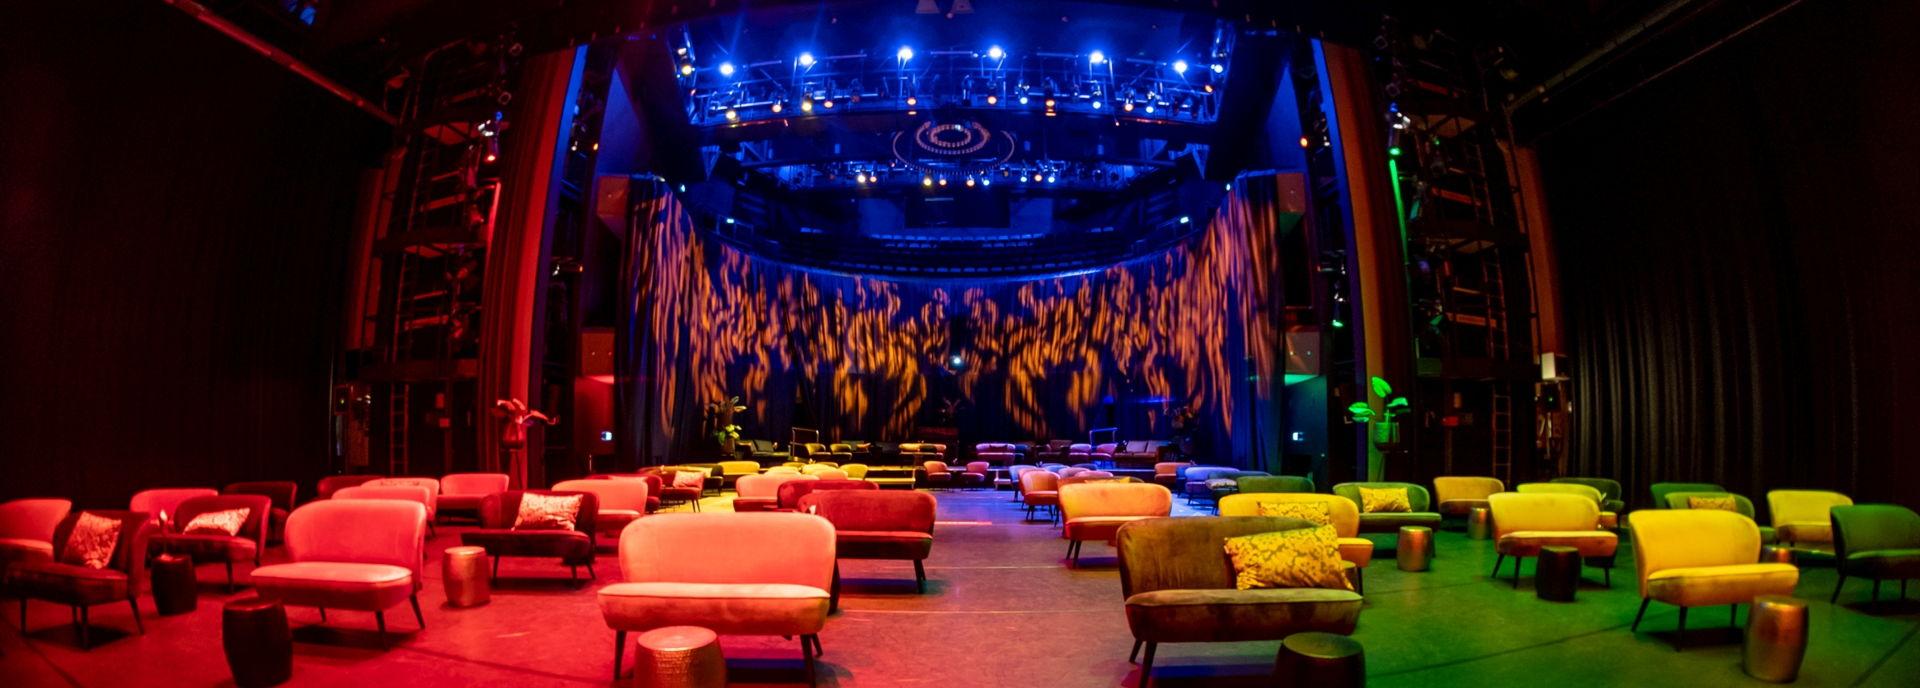 De Tamboer-lounge opstelling in de Tamboerzaal